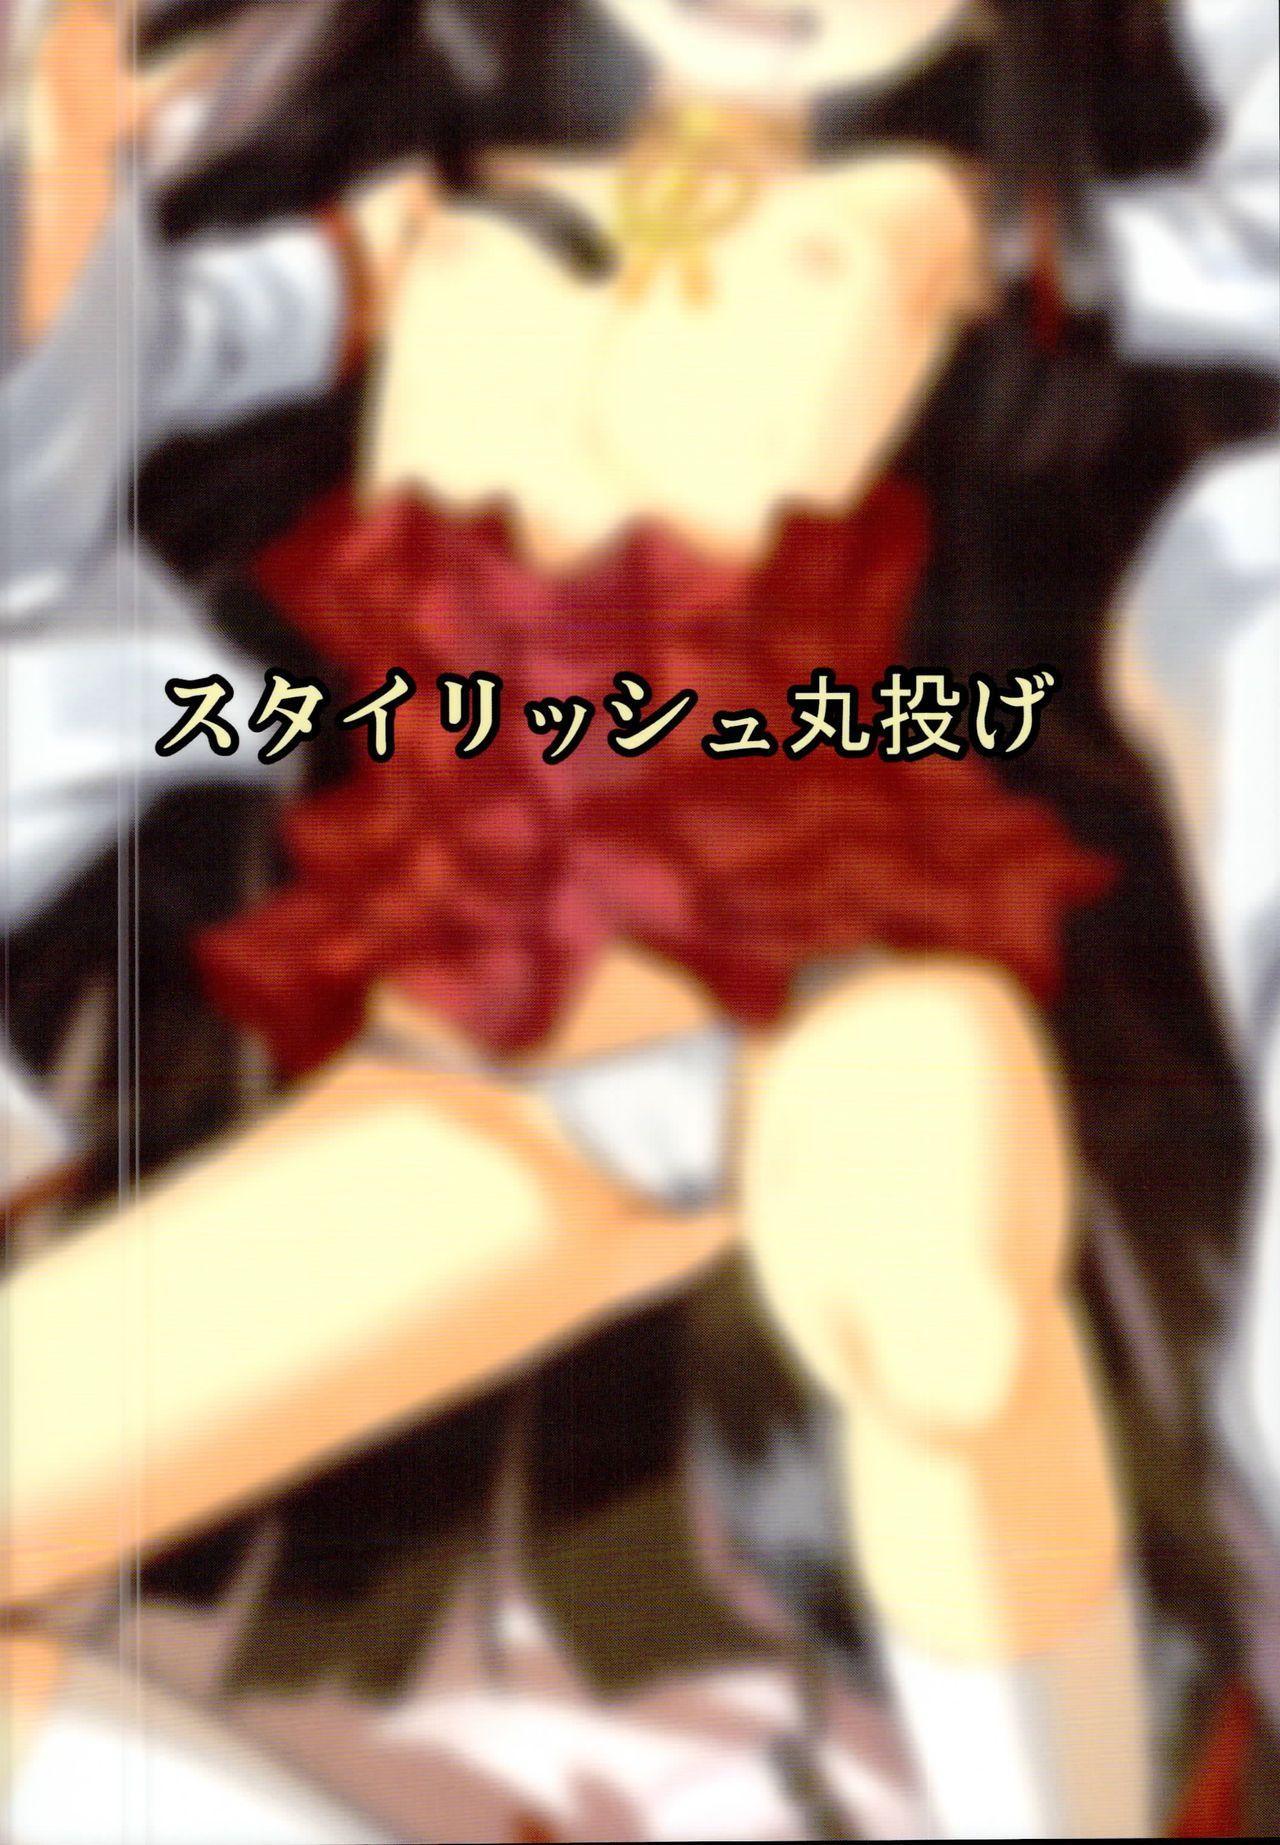 (C95) [Stylish Marunage (Patricia)] Yo wa Nagato Juushou (Teokure) no Nagato de Aru (Azur Lane) 27